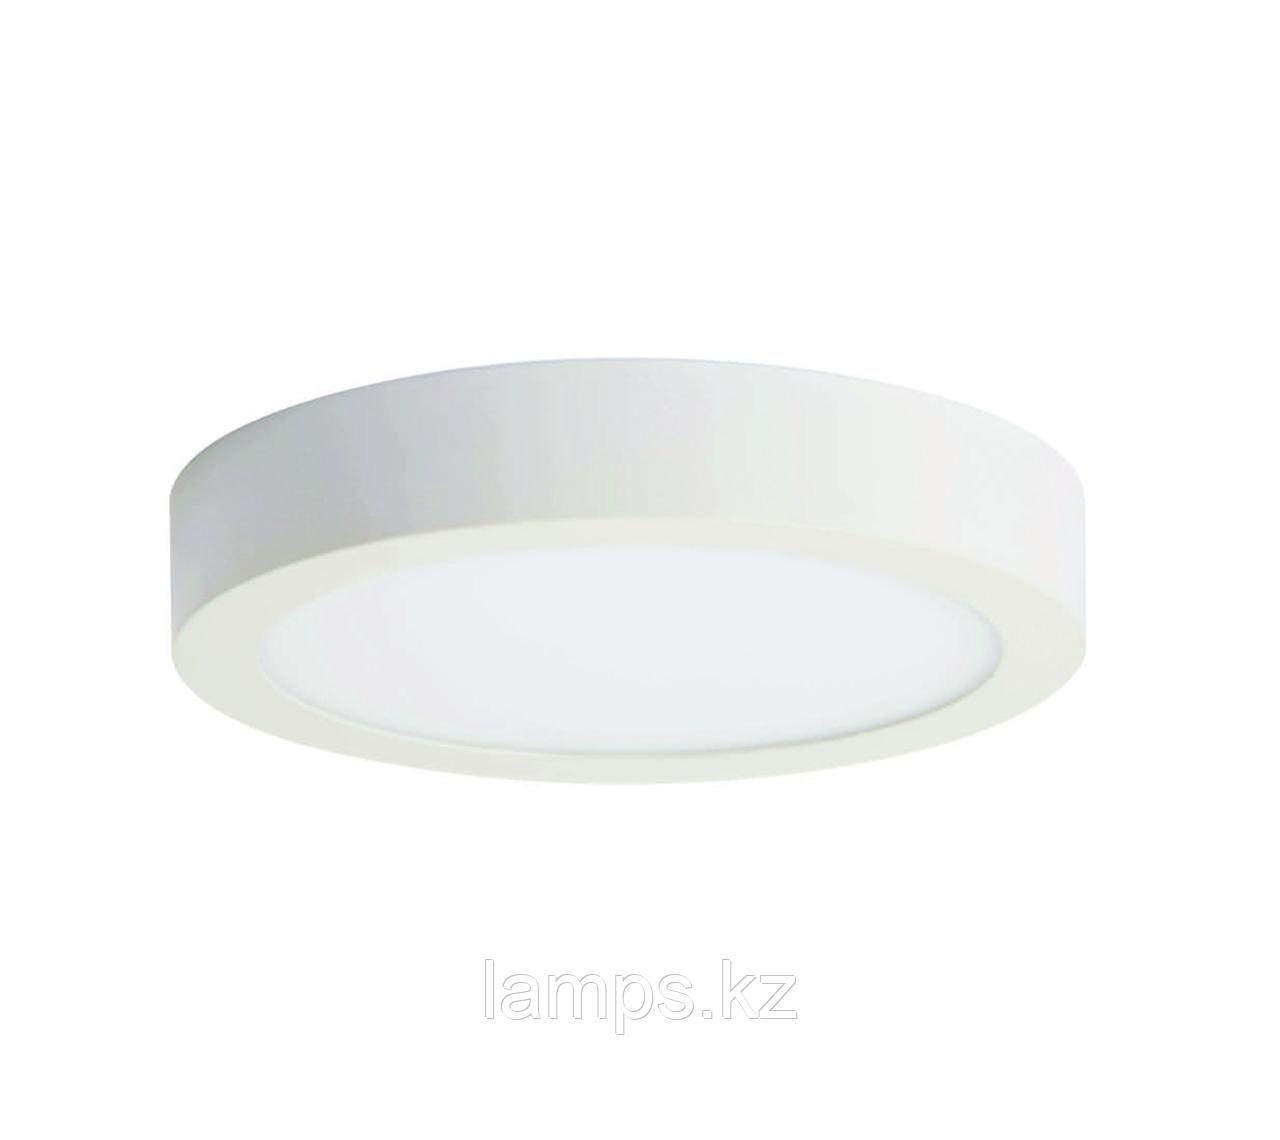 Панель светодиодная накладная LINDA-R/12W/SMD/6000K/Φ160MM